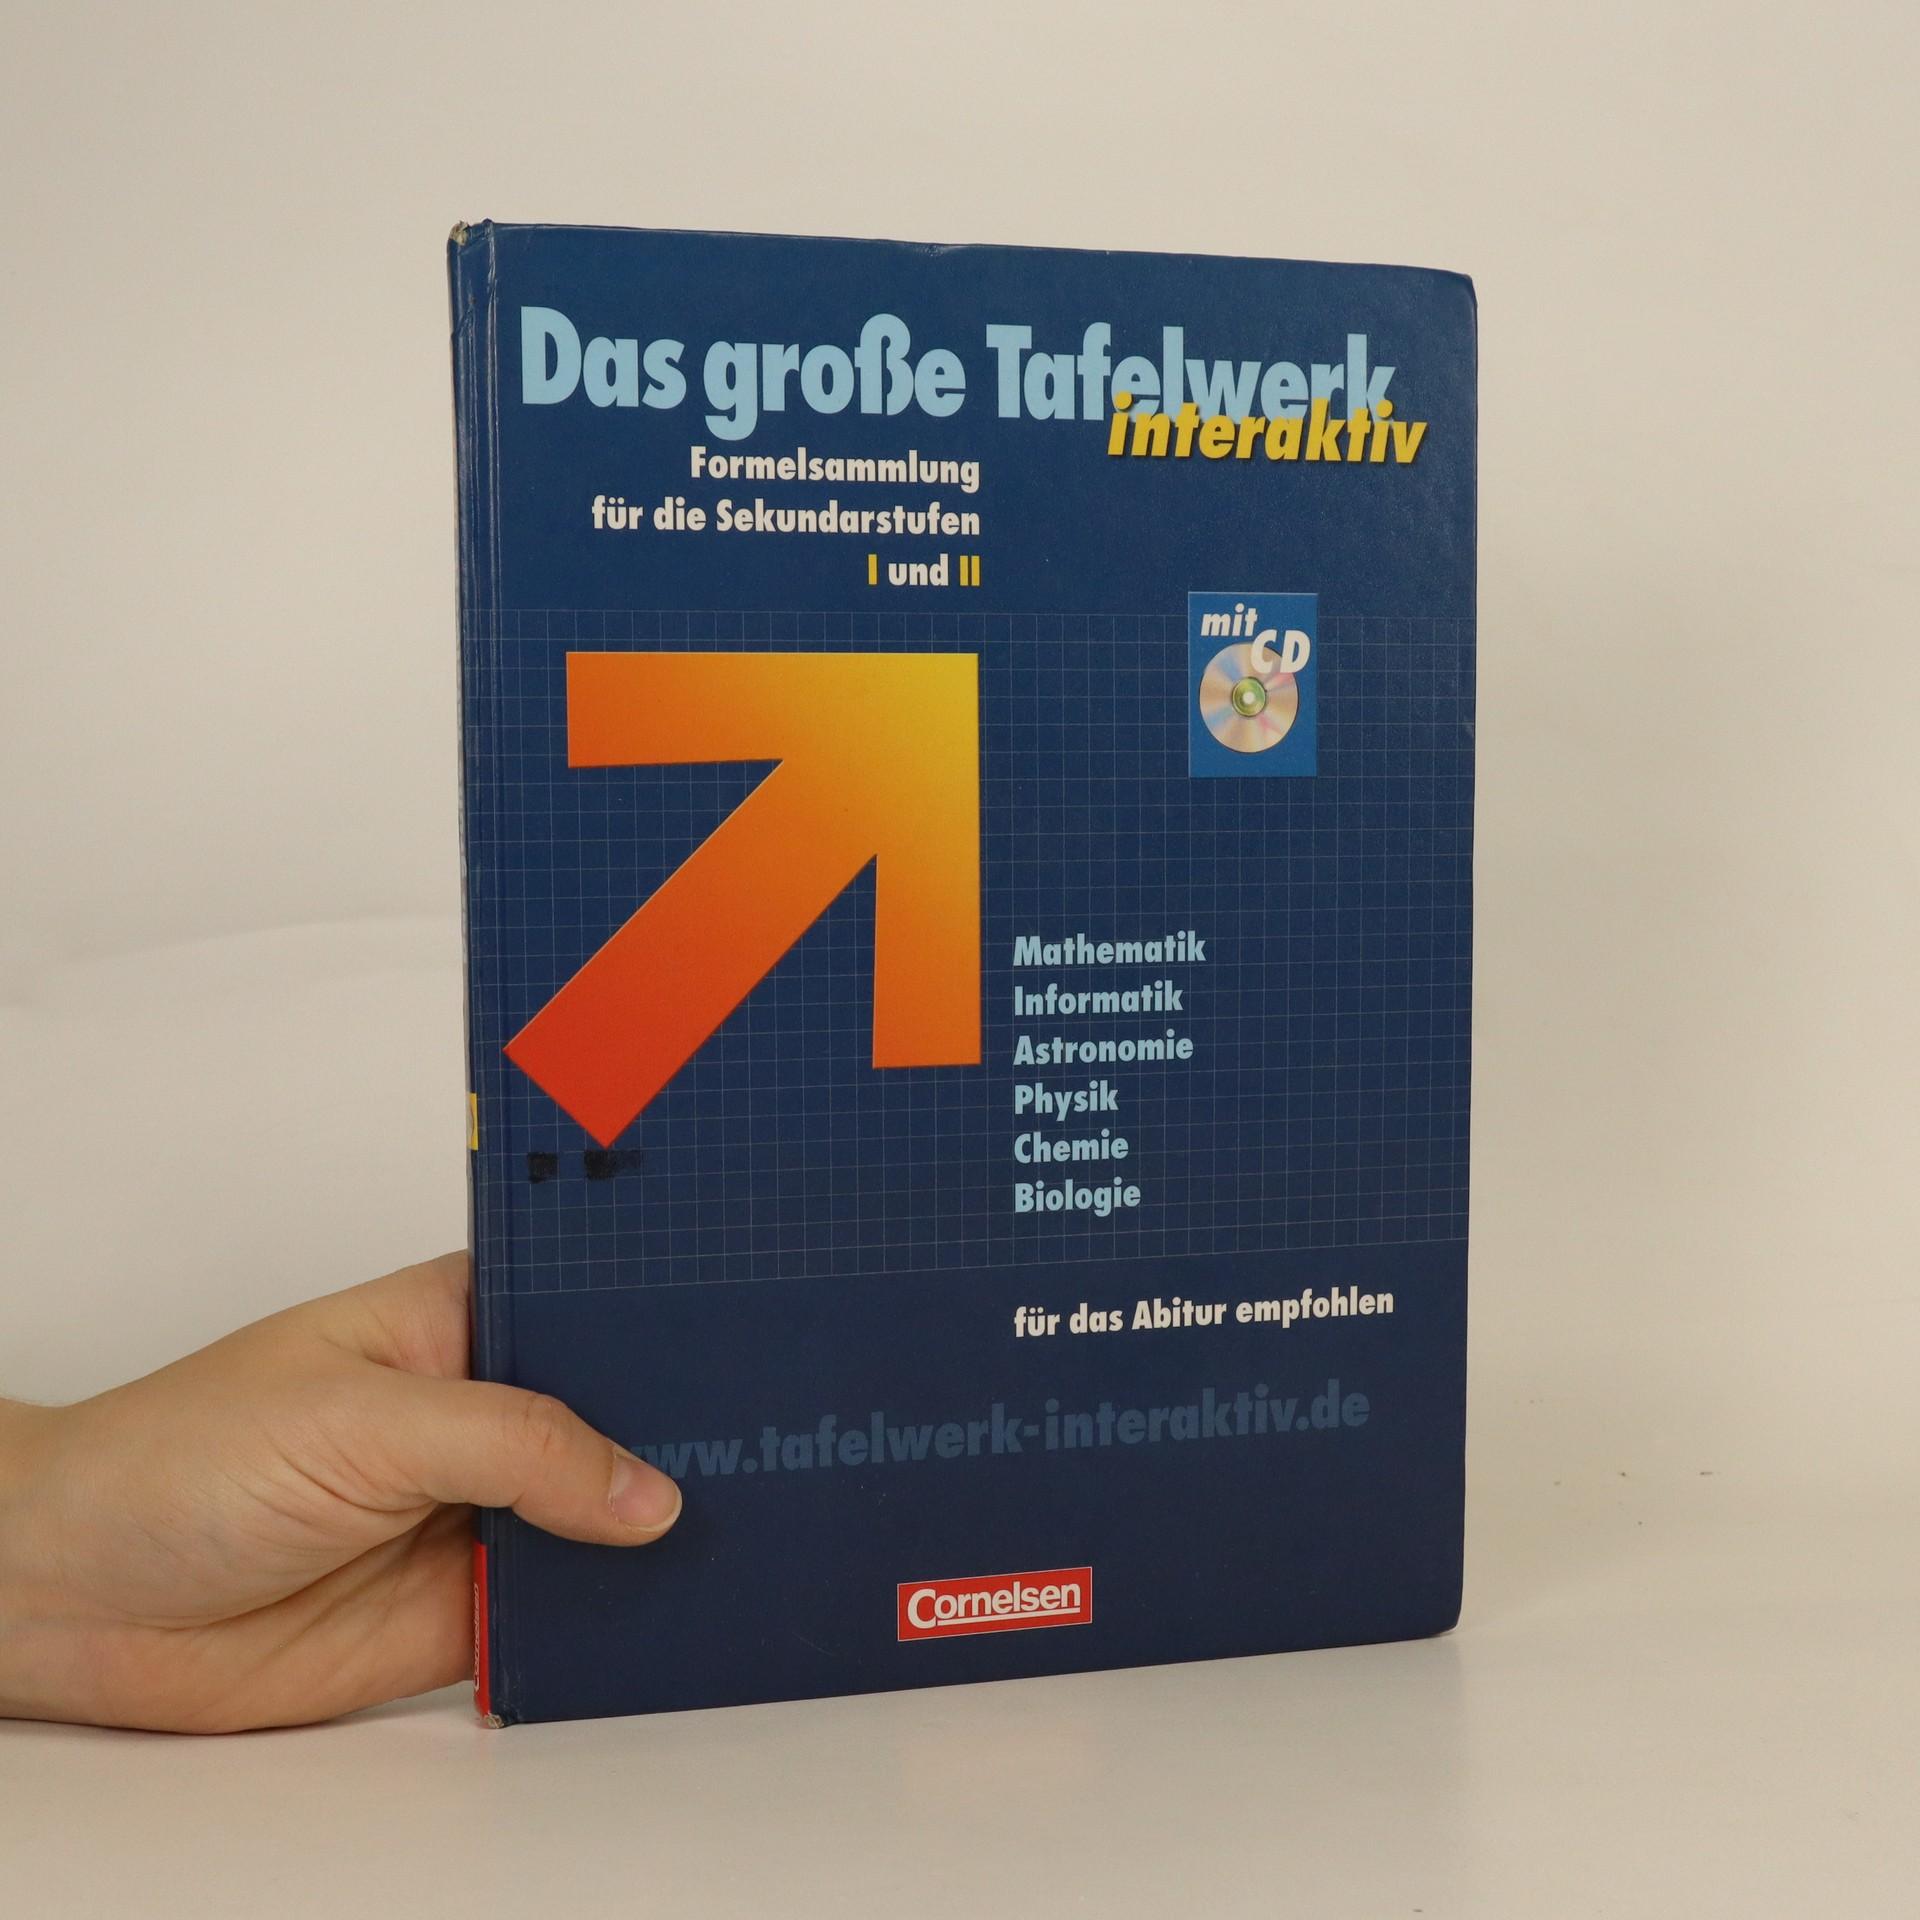 antikvární kniha Das große Tafelwerk interaktiv., 2011